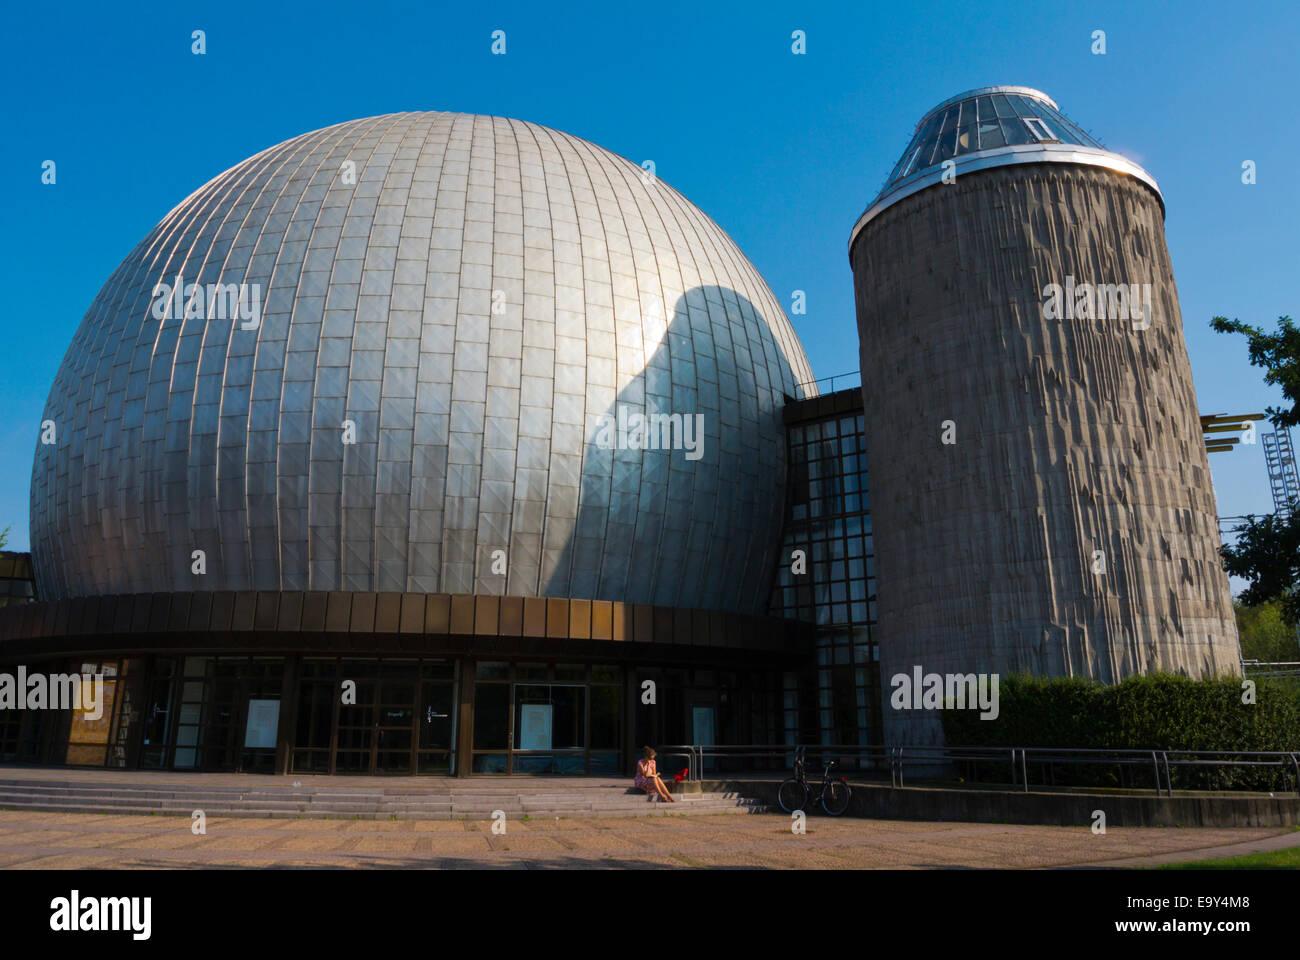 Zeiss-Grossplanetarium, Planetarium, Ernst-Thälmann-Park, Prenzlauer Berg district, Berlin, Germany - Stock Image